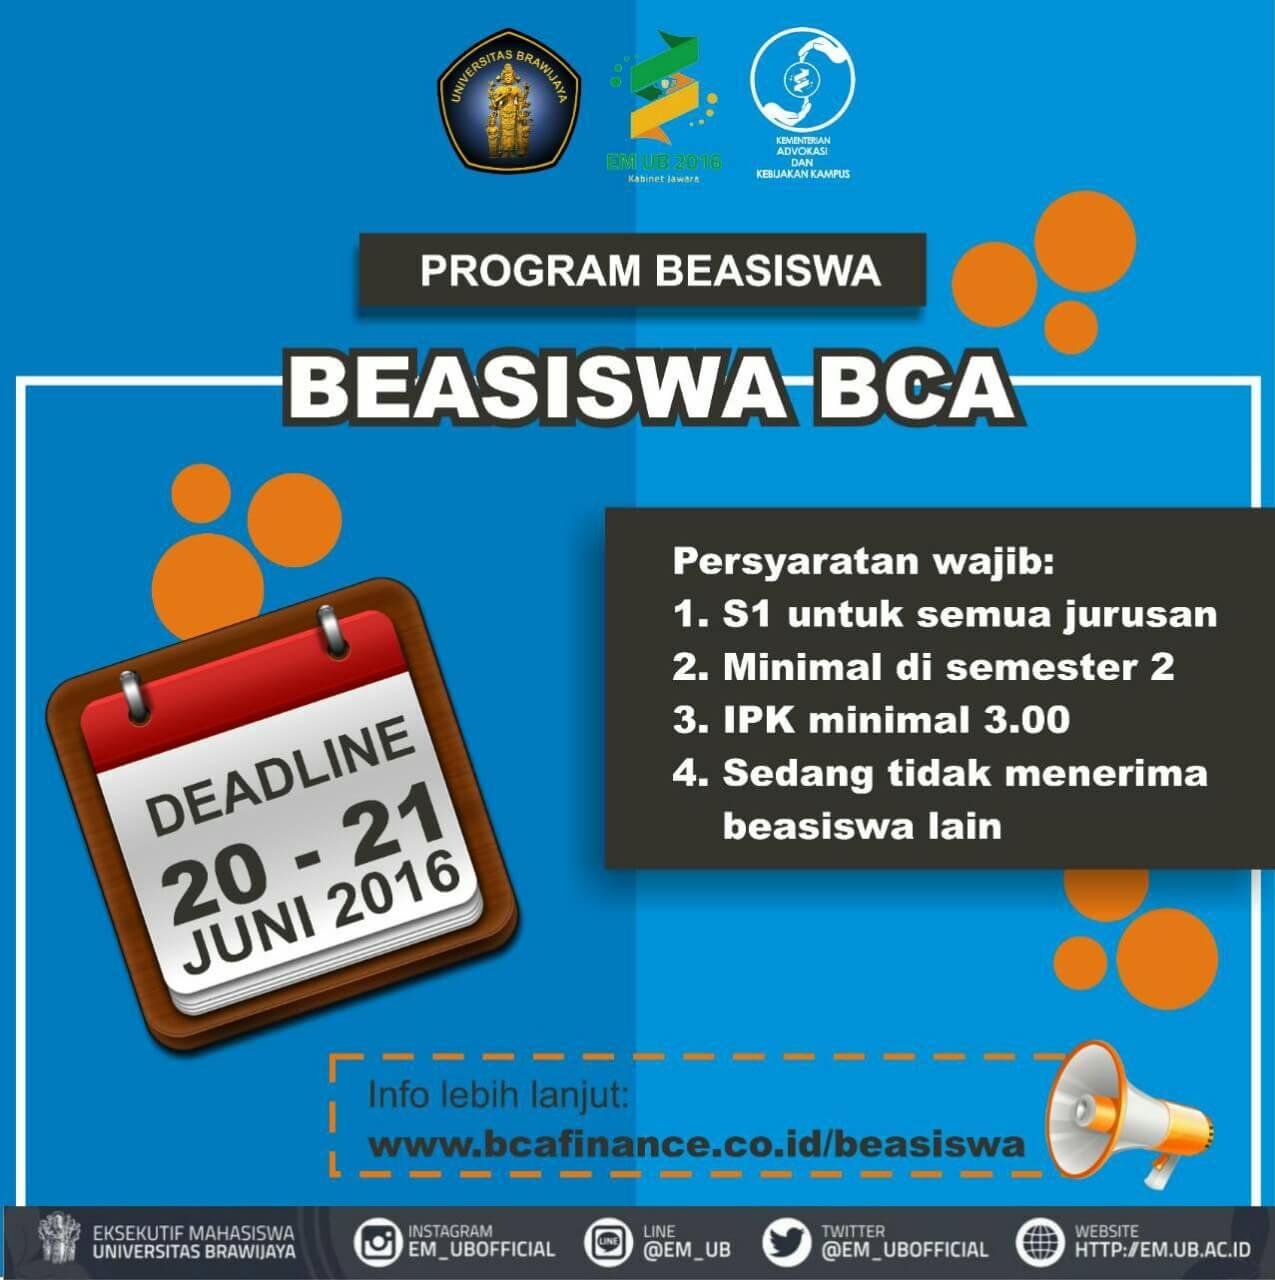 Beasiswa BCA